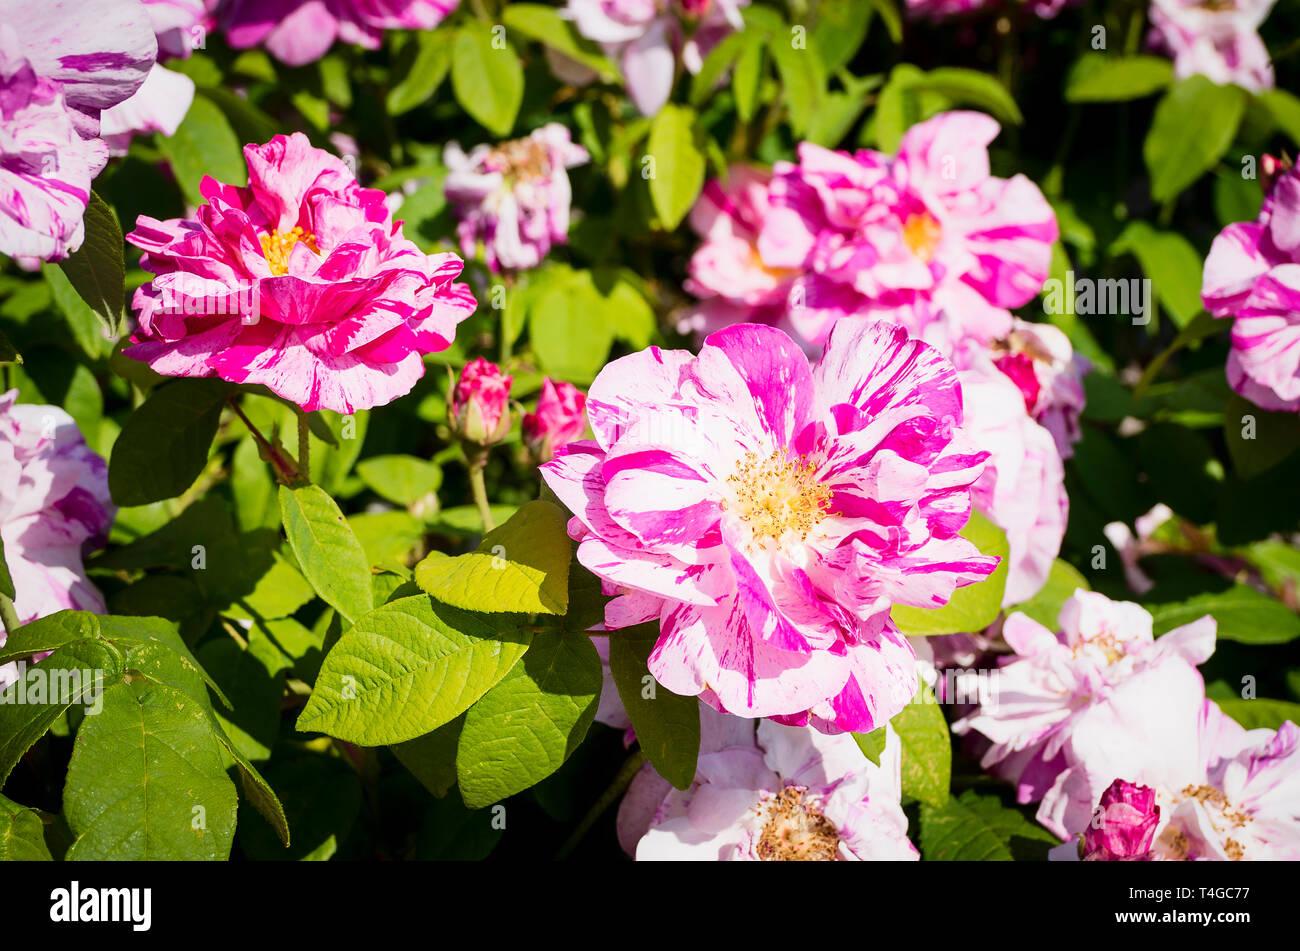 Rosa Mundi Versicolor with unusual petal markings in flower in summer - Stock Image